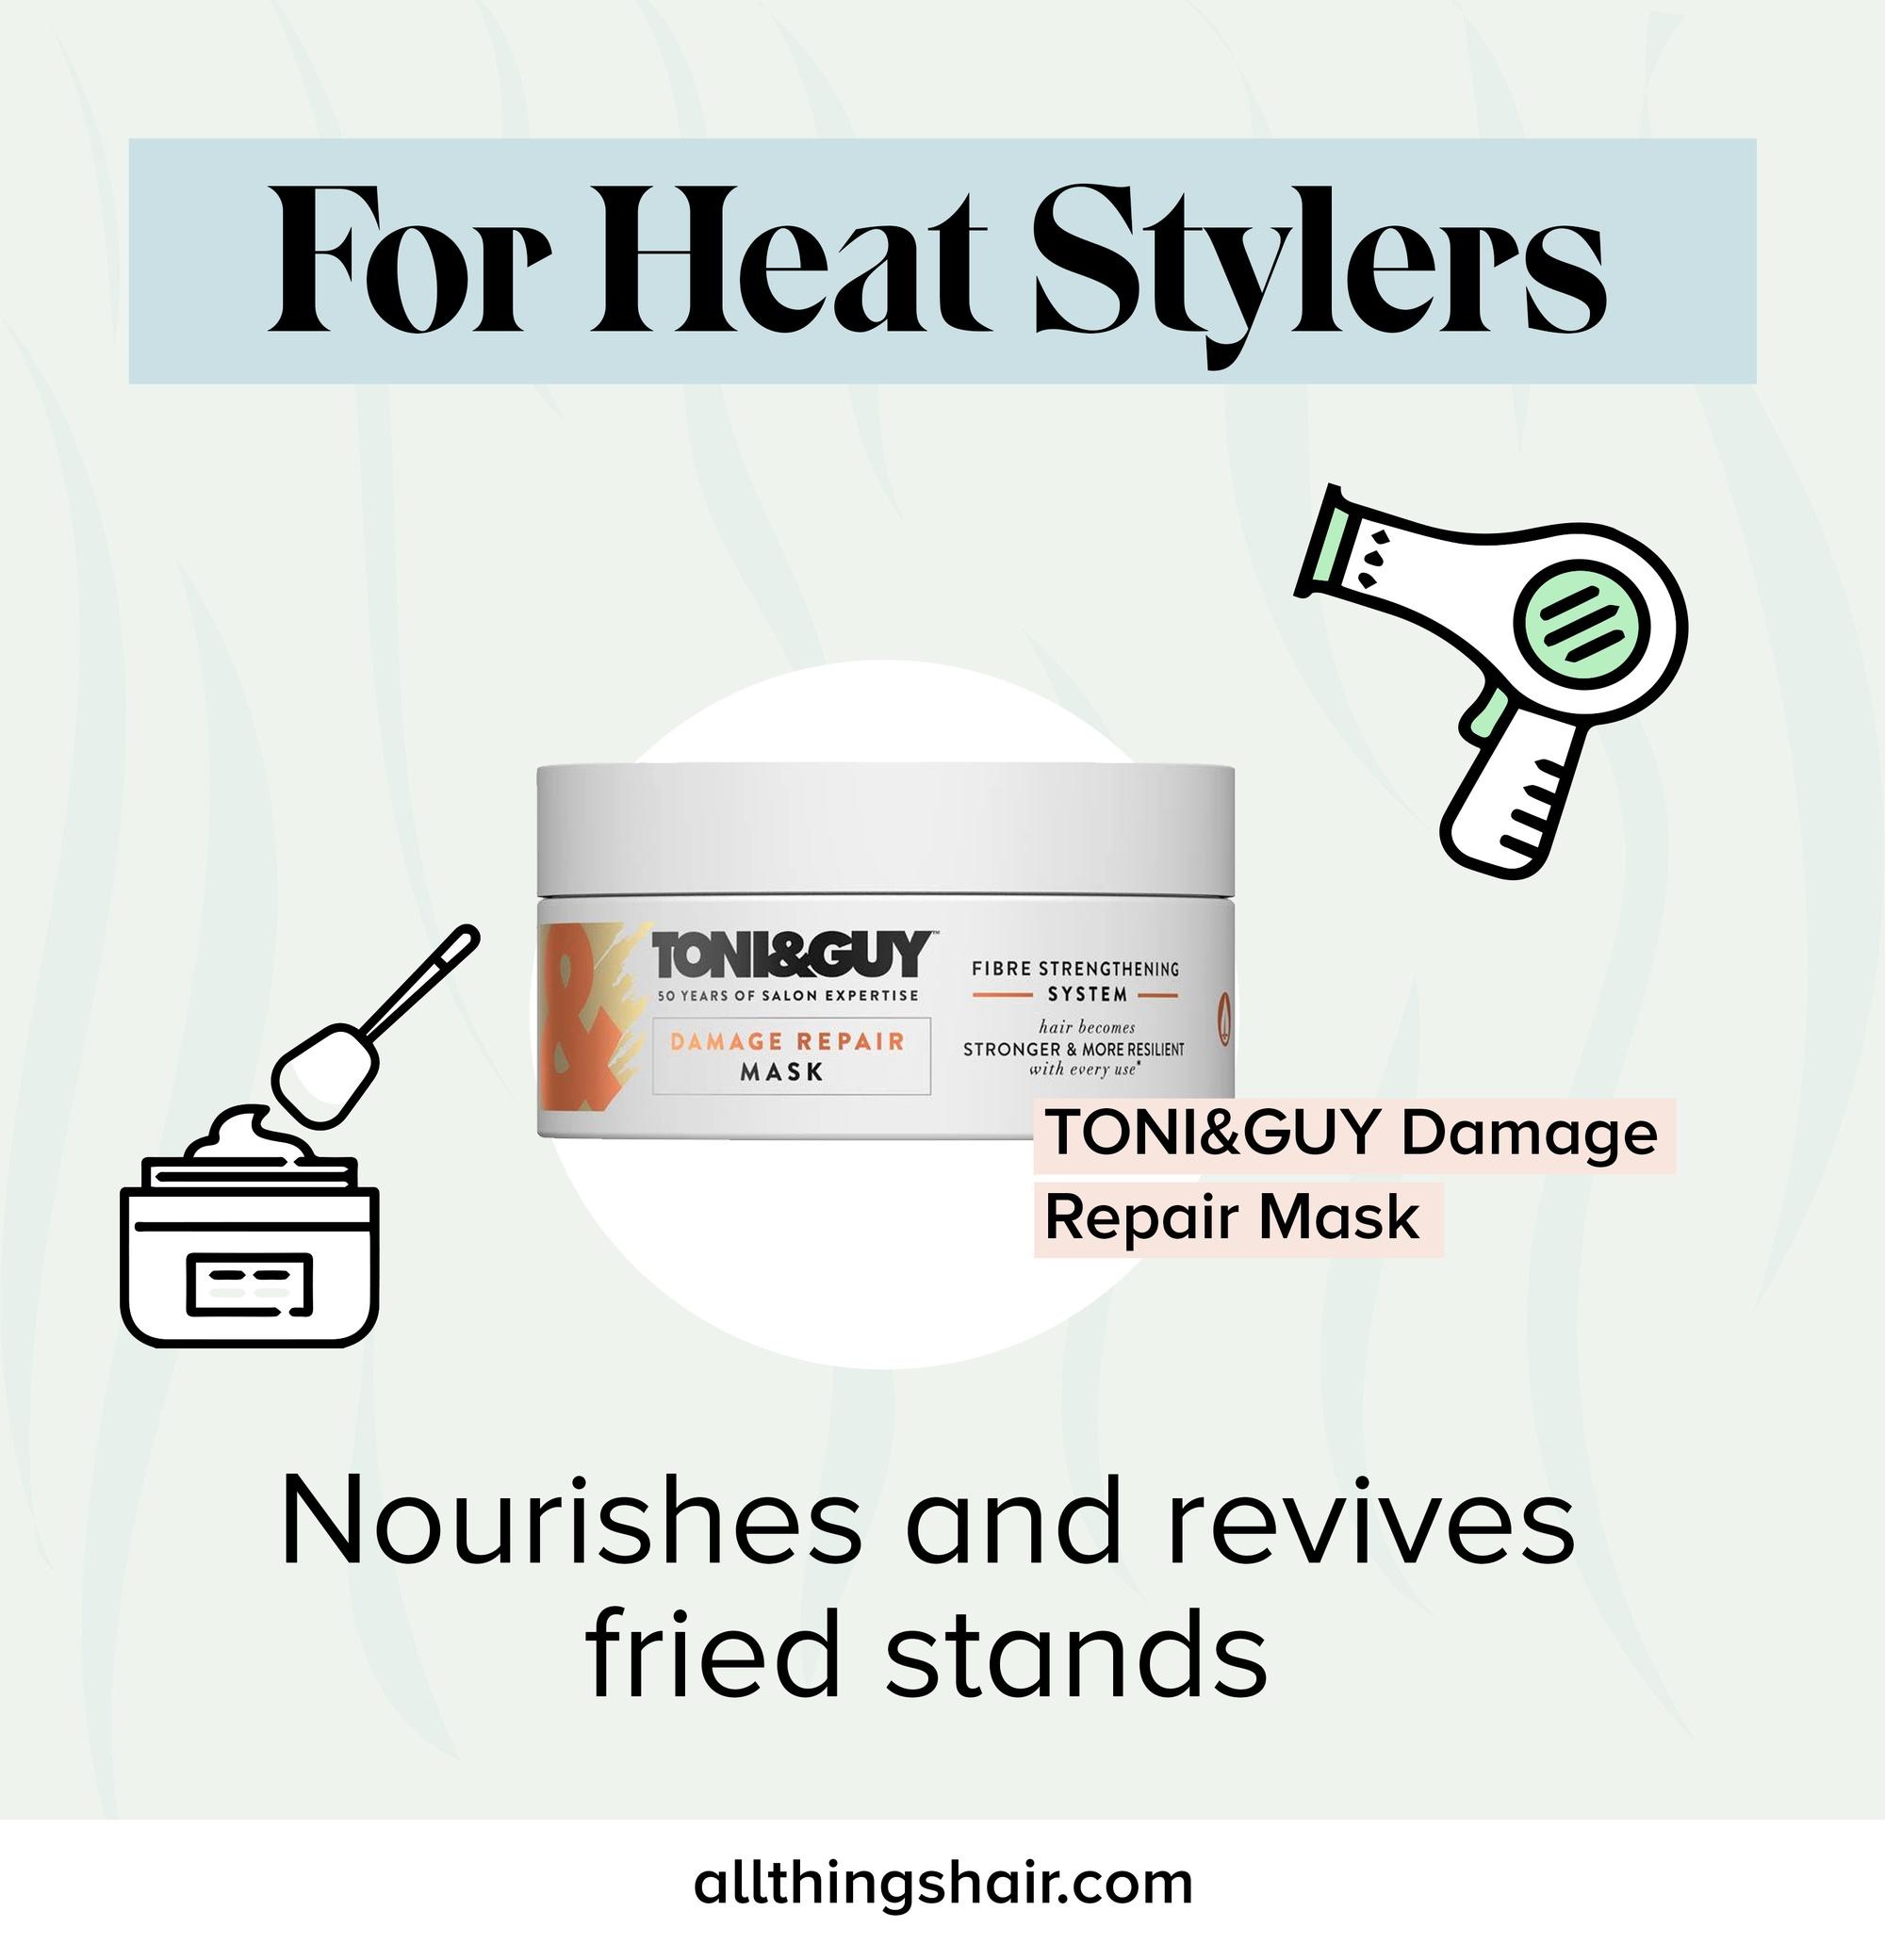 Masque infographique de réparation des dommages causés par la chaleur